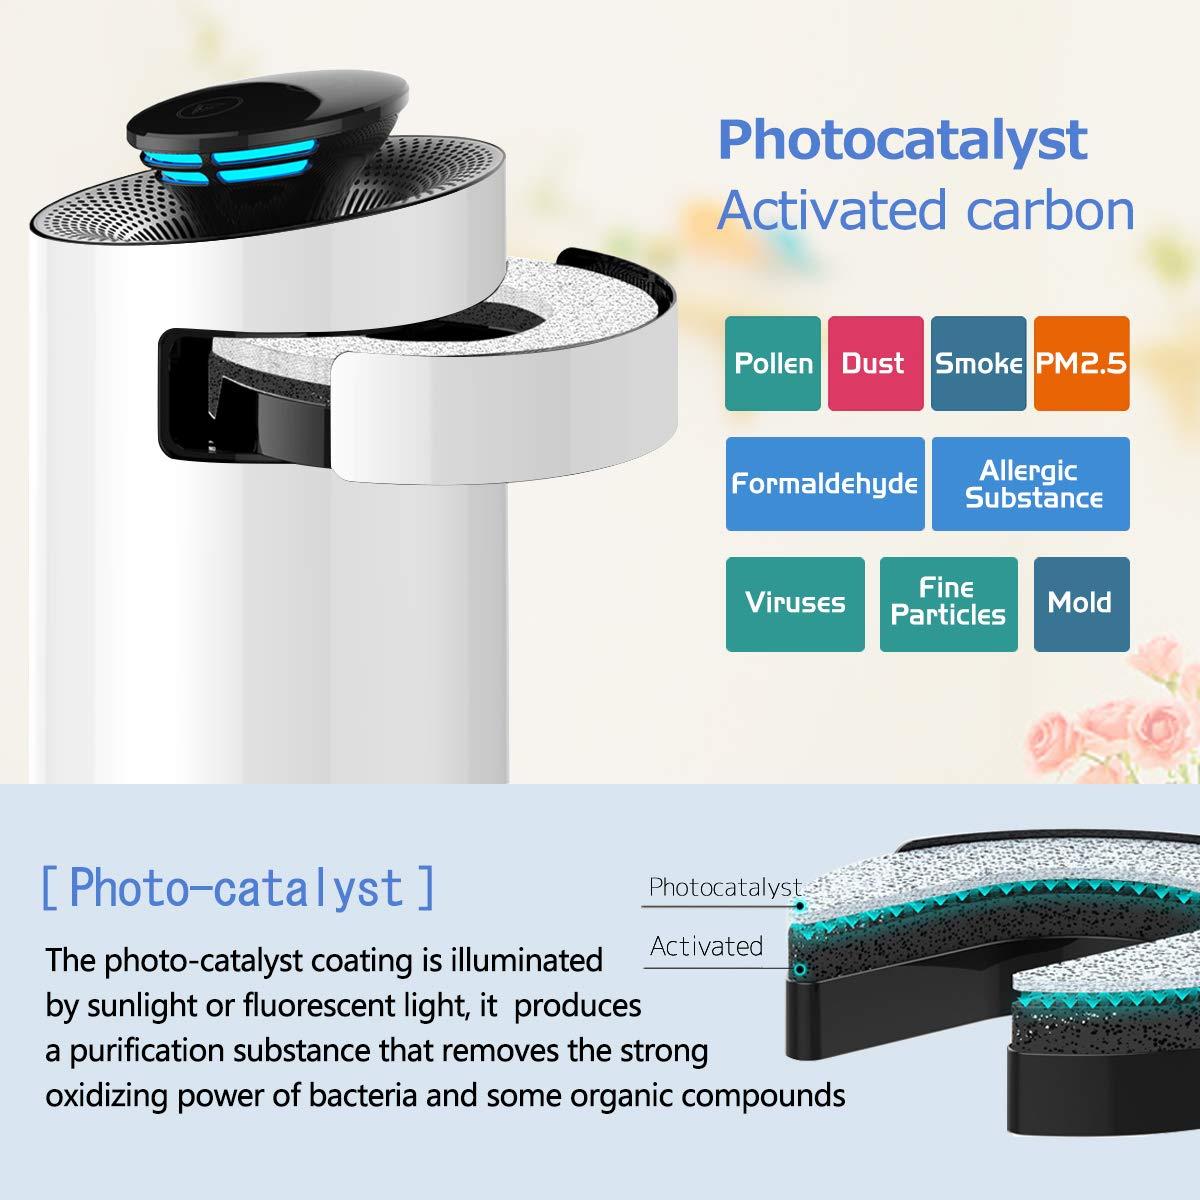 Blanc Echoice 3 in 1 Purificateur dAir Filtre /à Charbon Photo-catalyseurs Physique /éradication des Moustiques Retirer Pollen Odeurs Poussi/ère